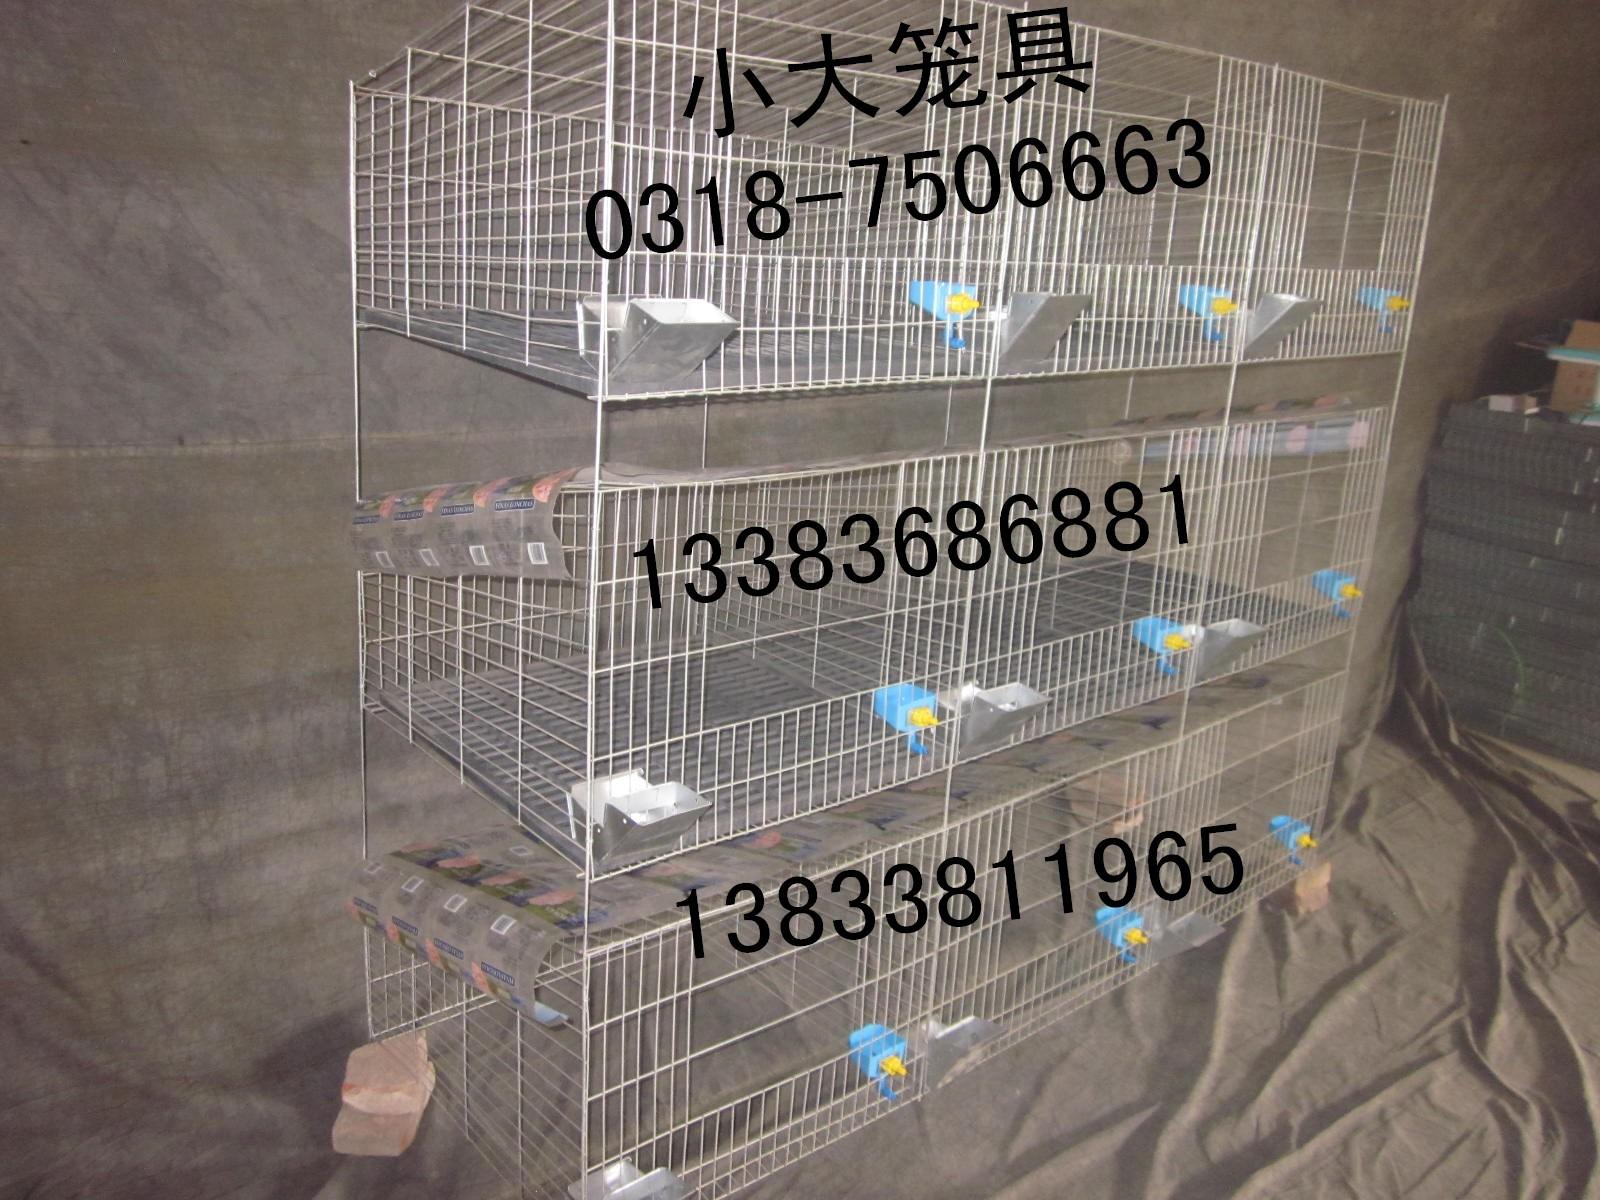 售蛋鸡笼 雏鸡笼 蛋鸽笼 肉鸽笼 母兔笼 商品兔笼 仔母兔笼 鹌鹑笼 鹧鸪笼